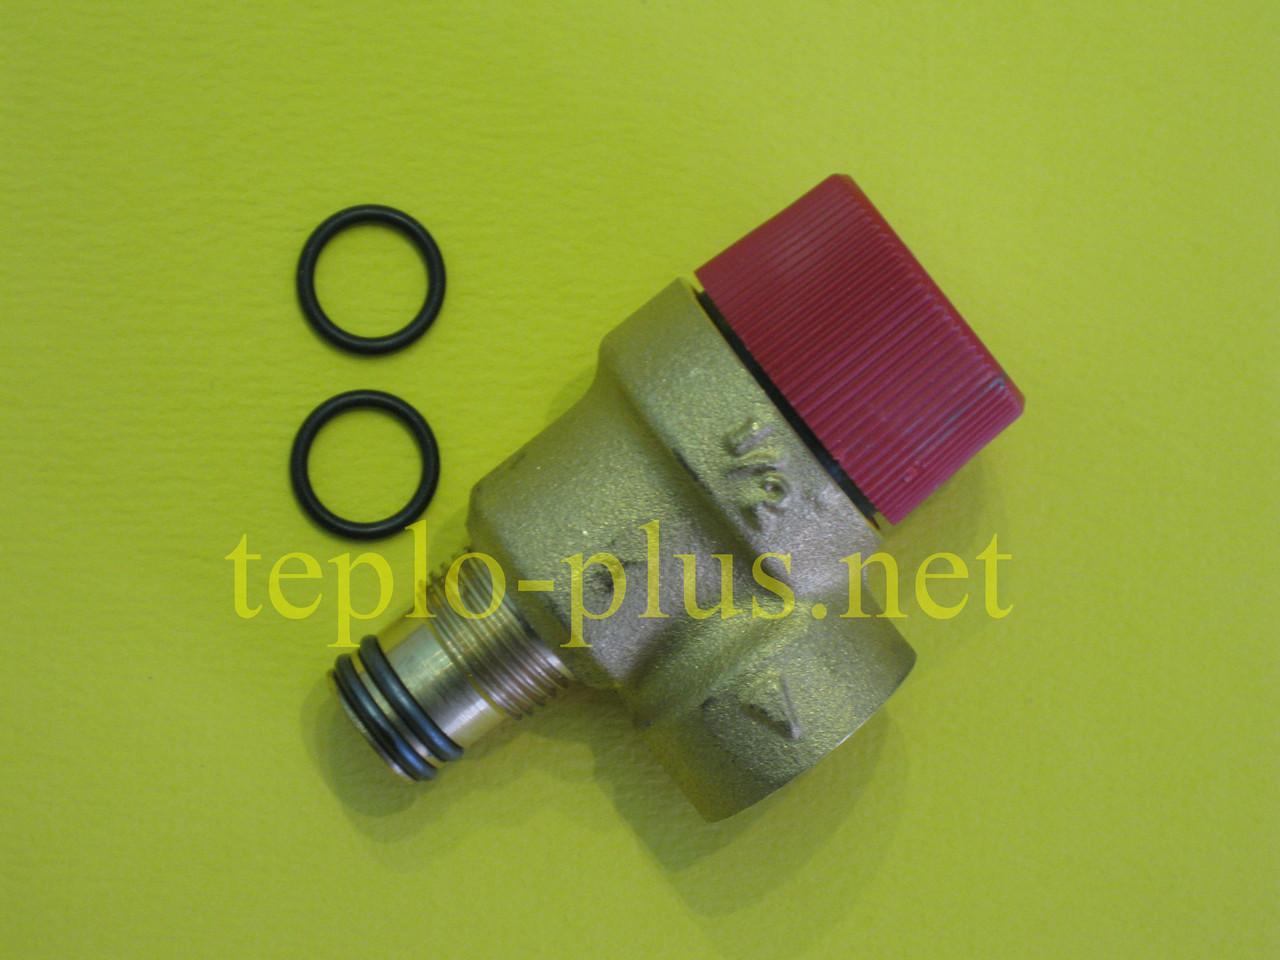 Предохранительный клапан 3 бар (клапан безопасности) 39809740 Ferroli Domina, Domitop